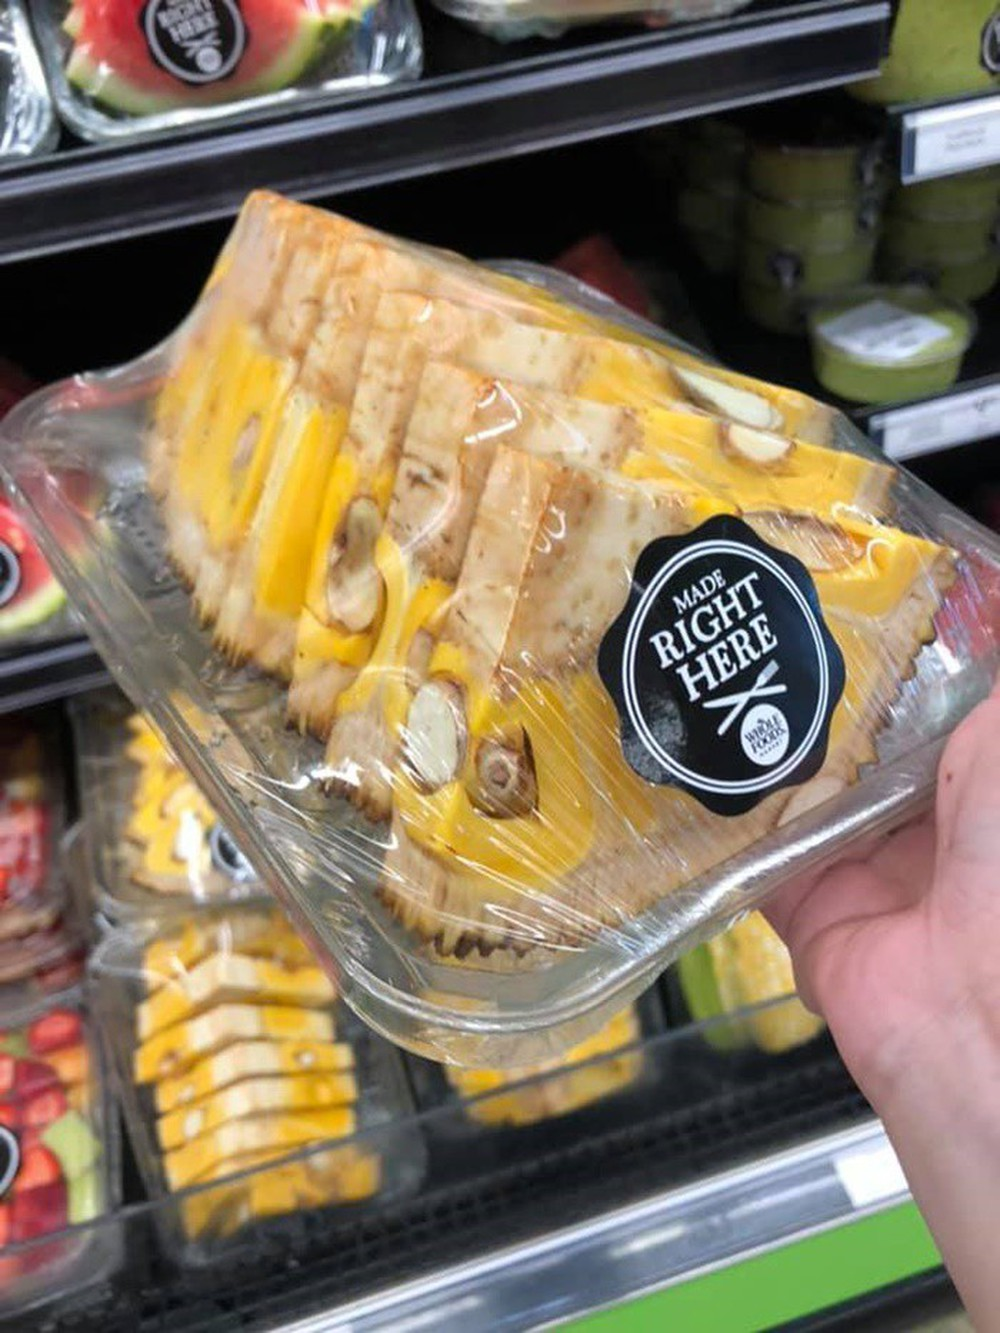 Đi siêu thị Mỹ, cô nàng châu Á choáng váng khi thấy múi mít kì dị và một loạt các loại quả khác cũng bị hành hạ không thương tiếc - Ảnh 2.